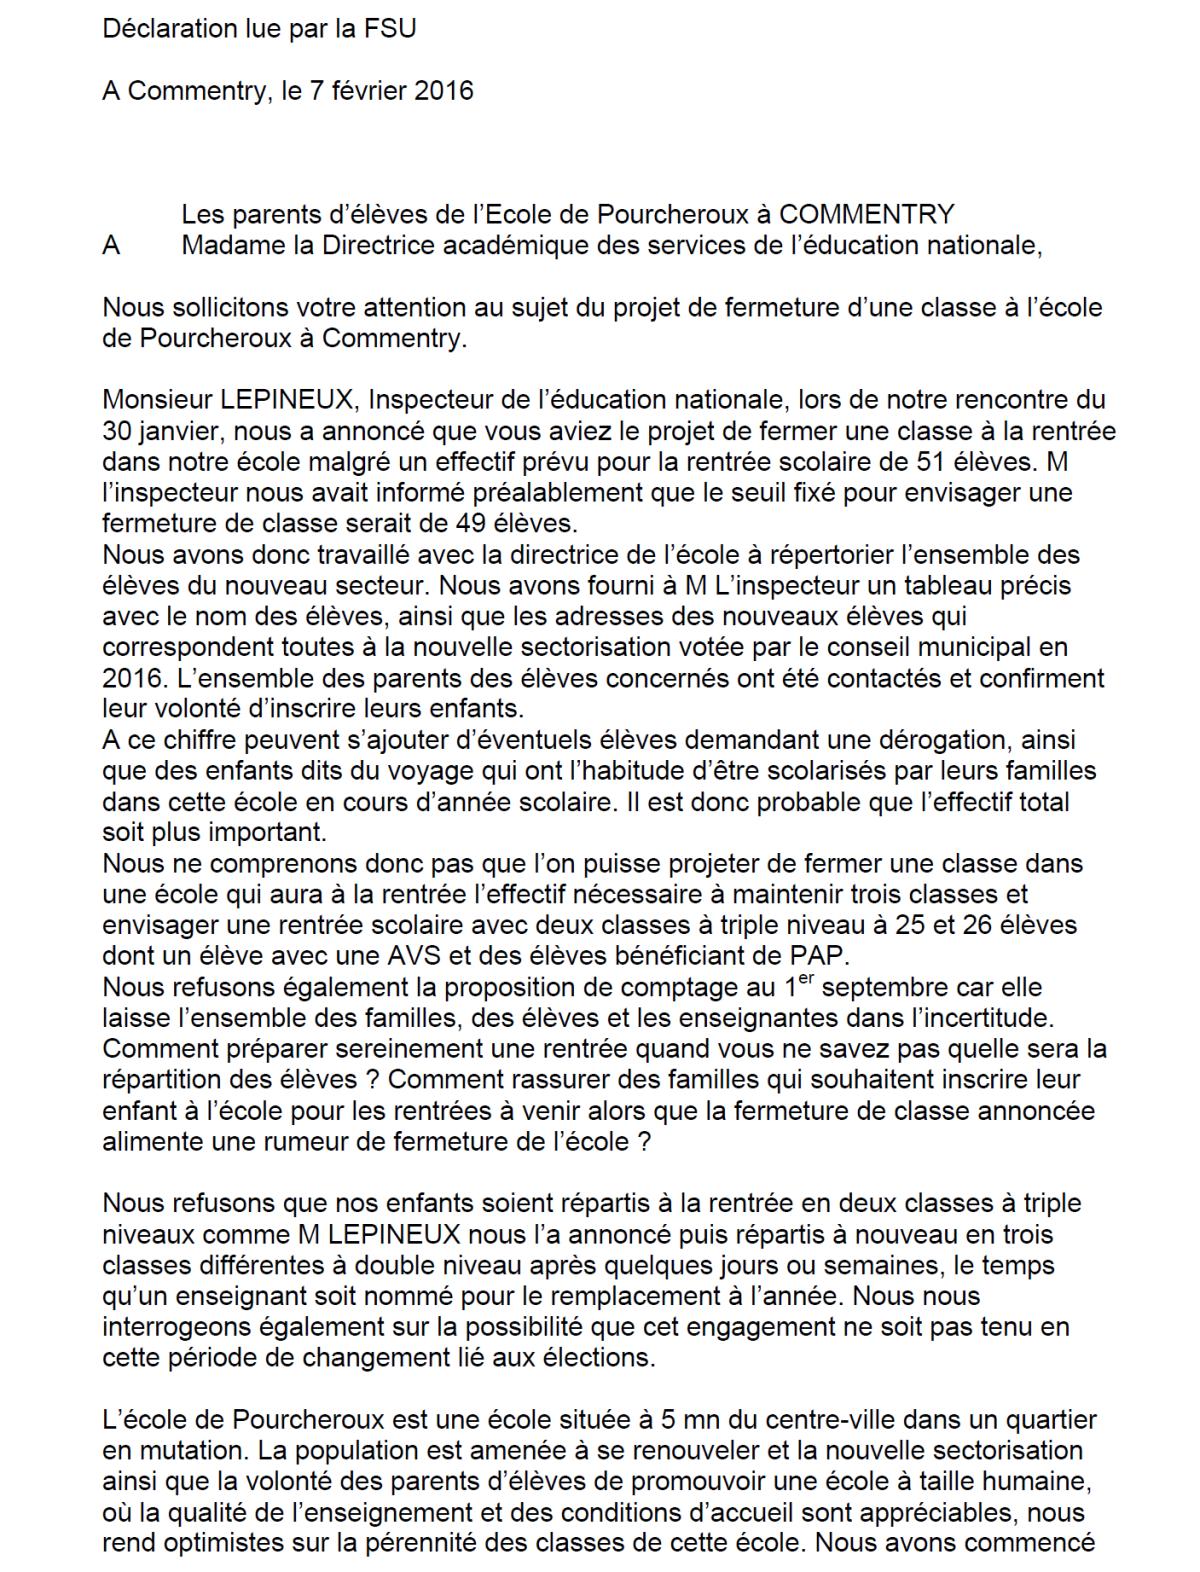 Déclaration lue par les représentants de la FSU lors de la CTSP